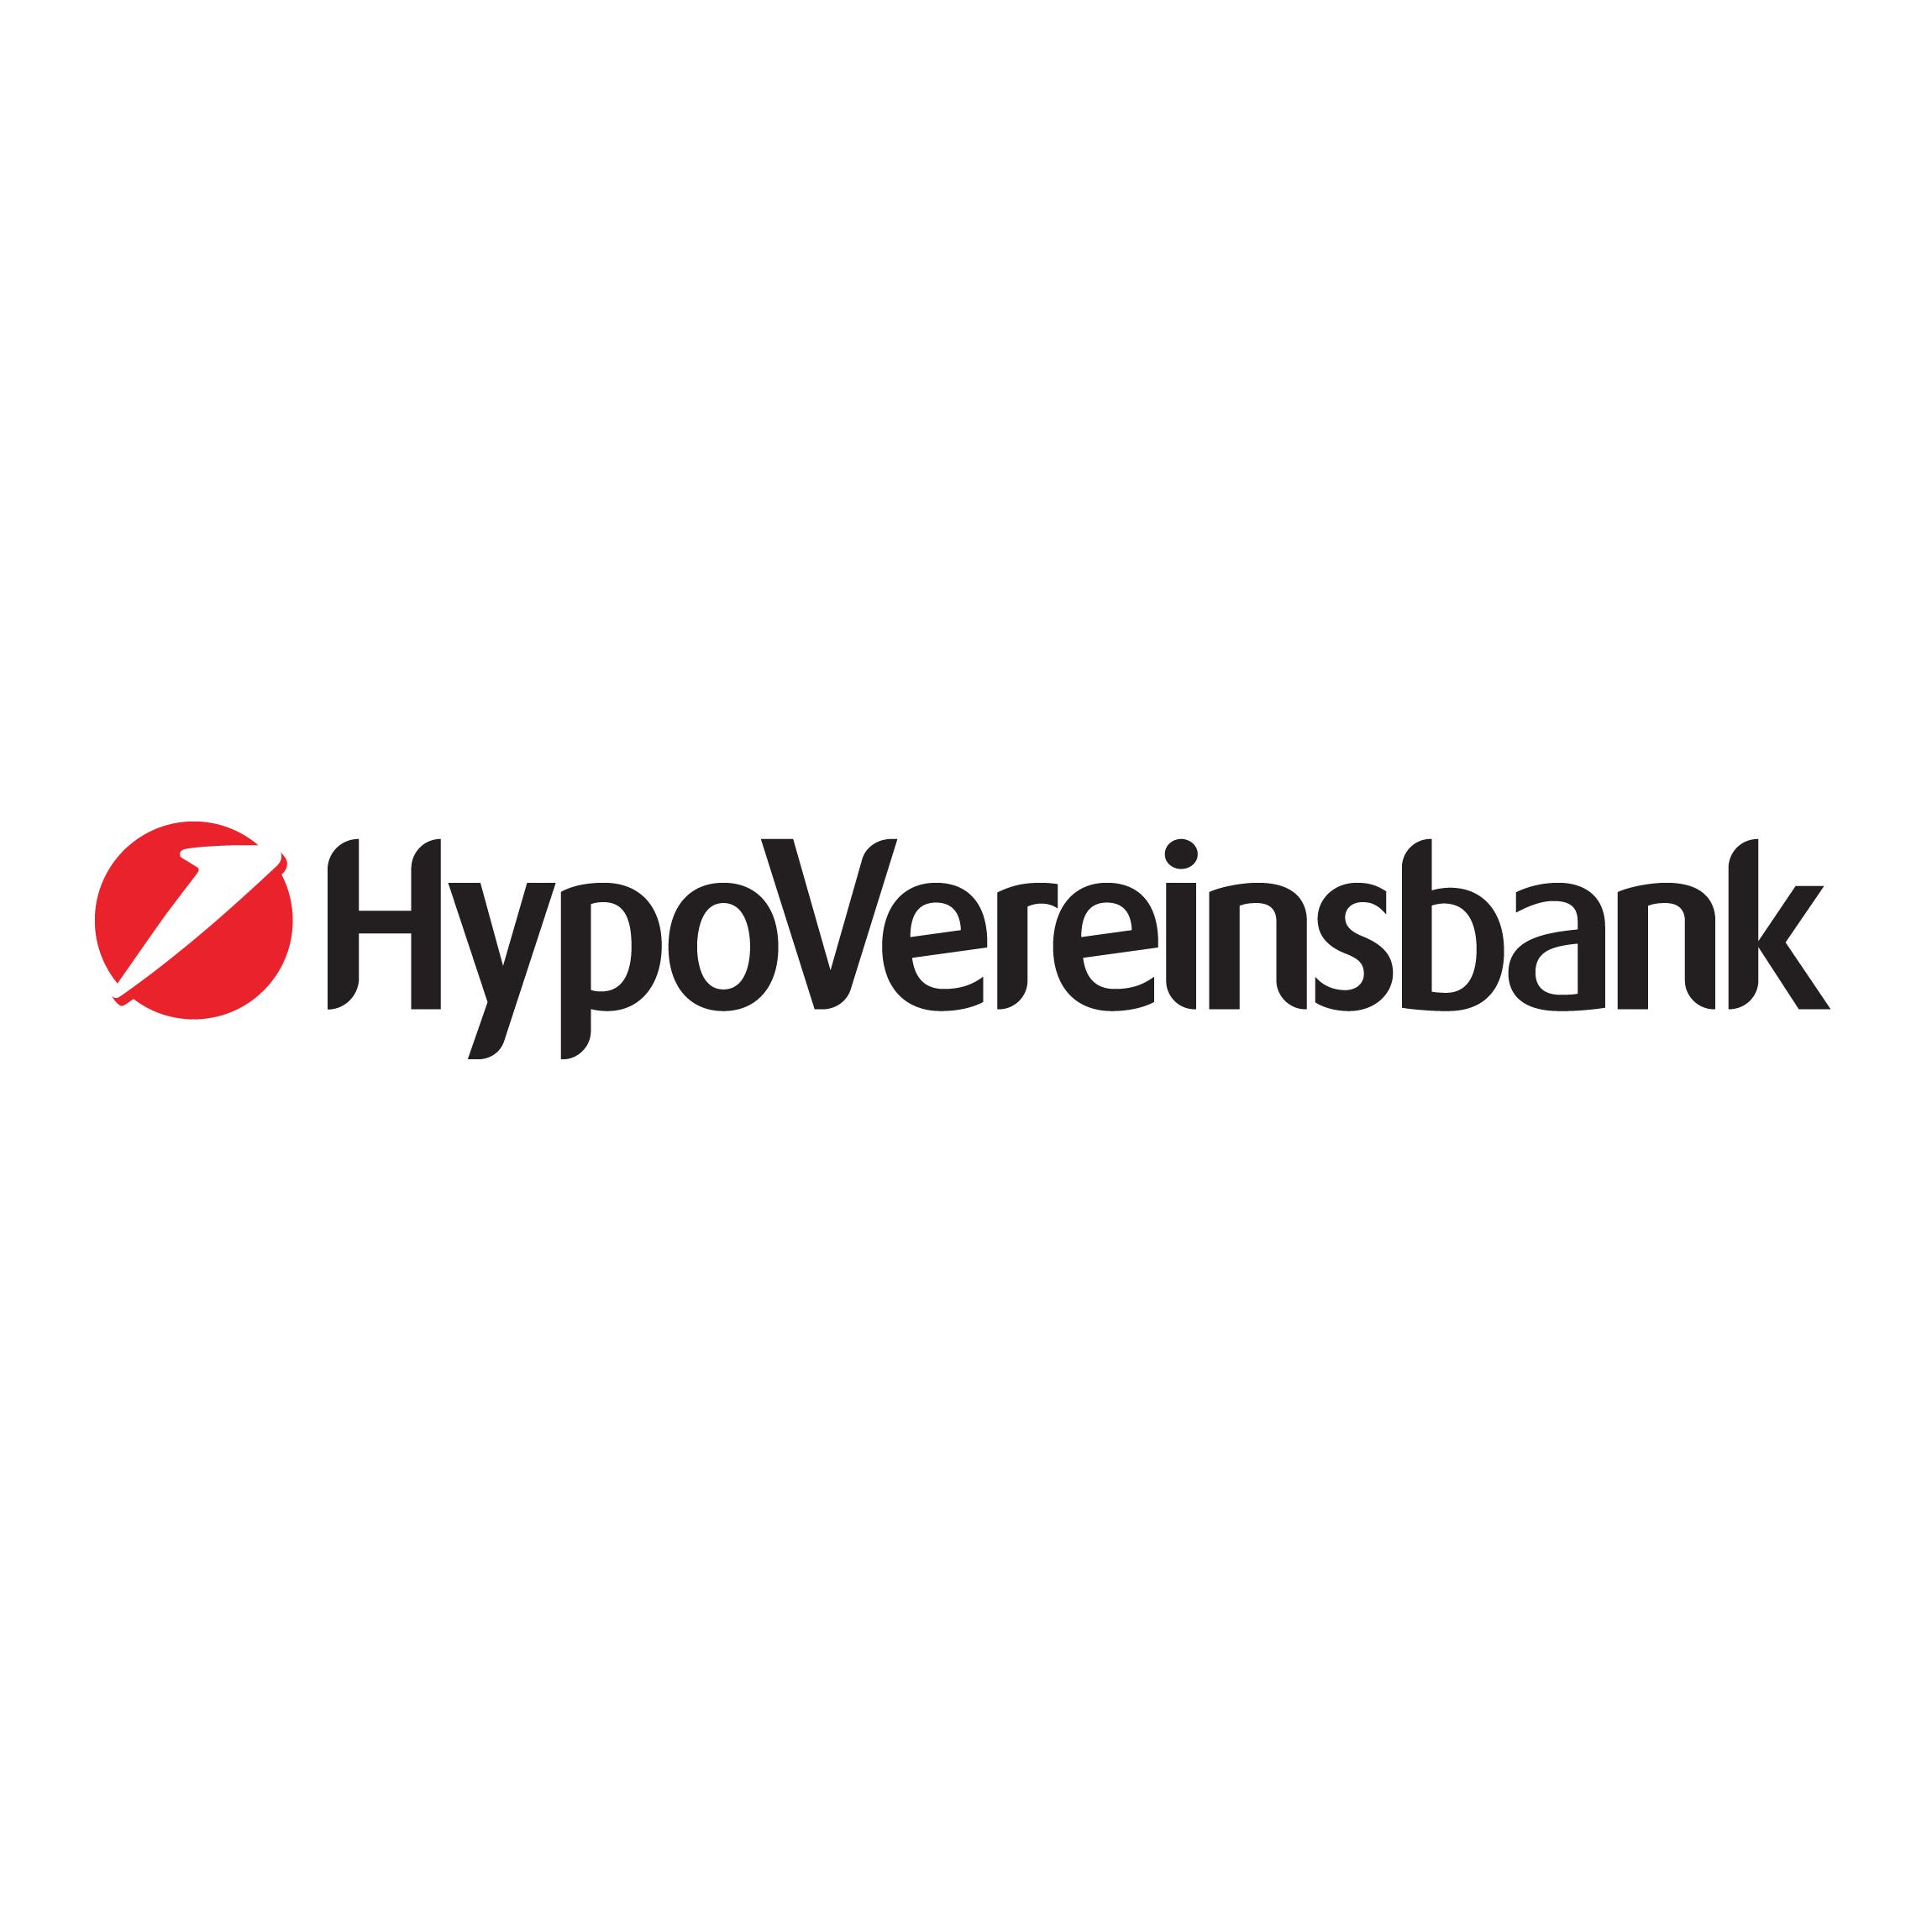 HypoVereinsbank Moosburg